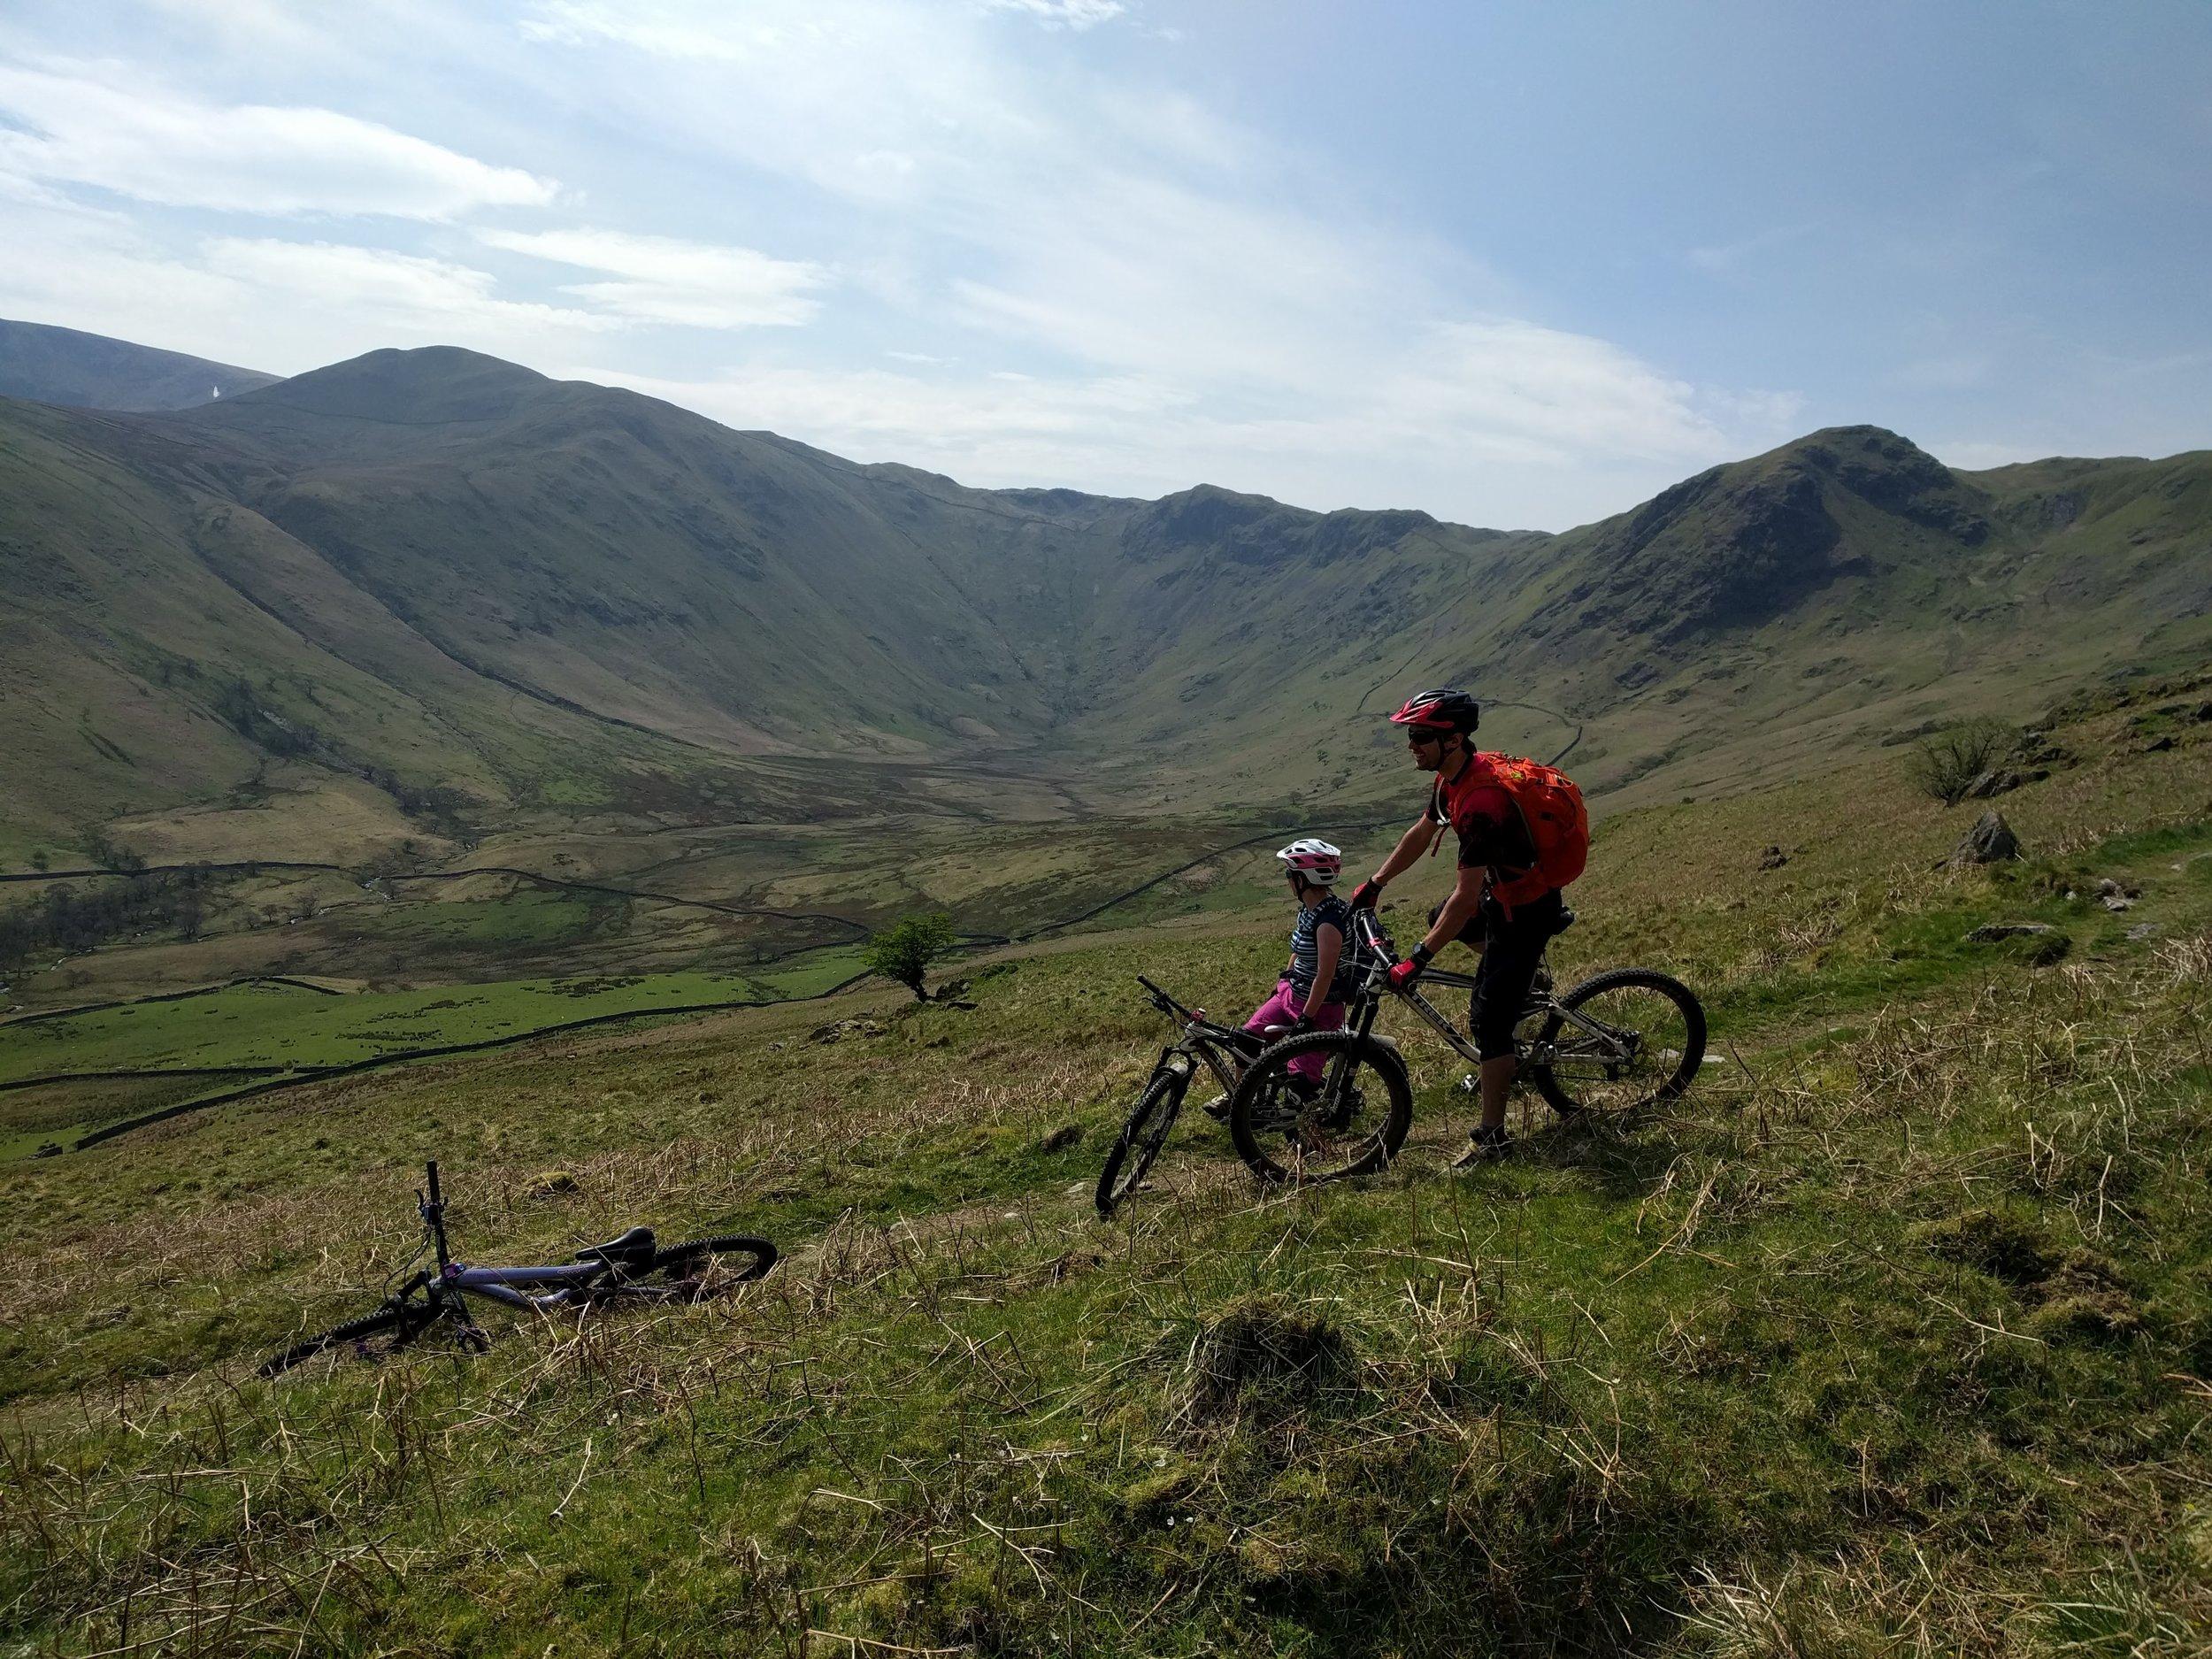 Spring Mountain Biking in the Lake District